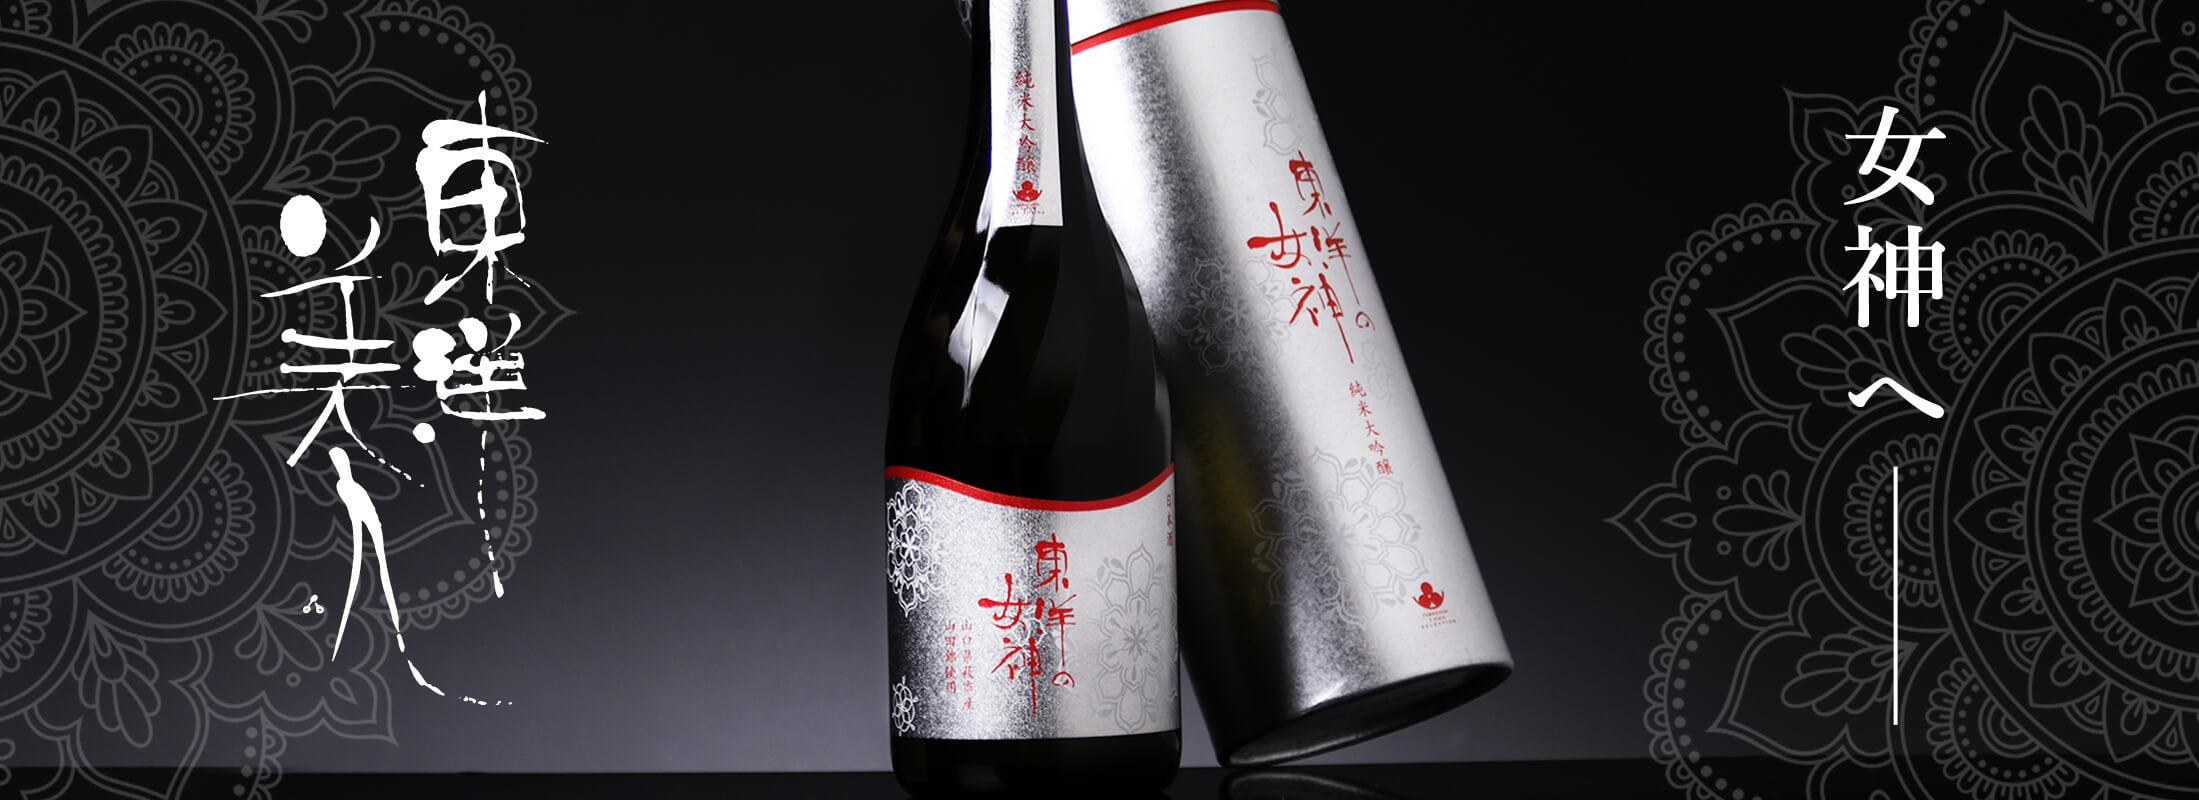 東洋美人 純米大吟醸 東洋の女神